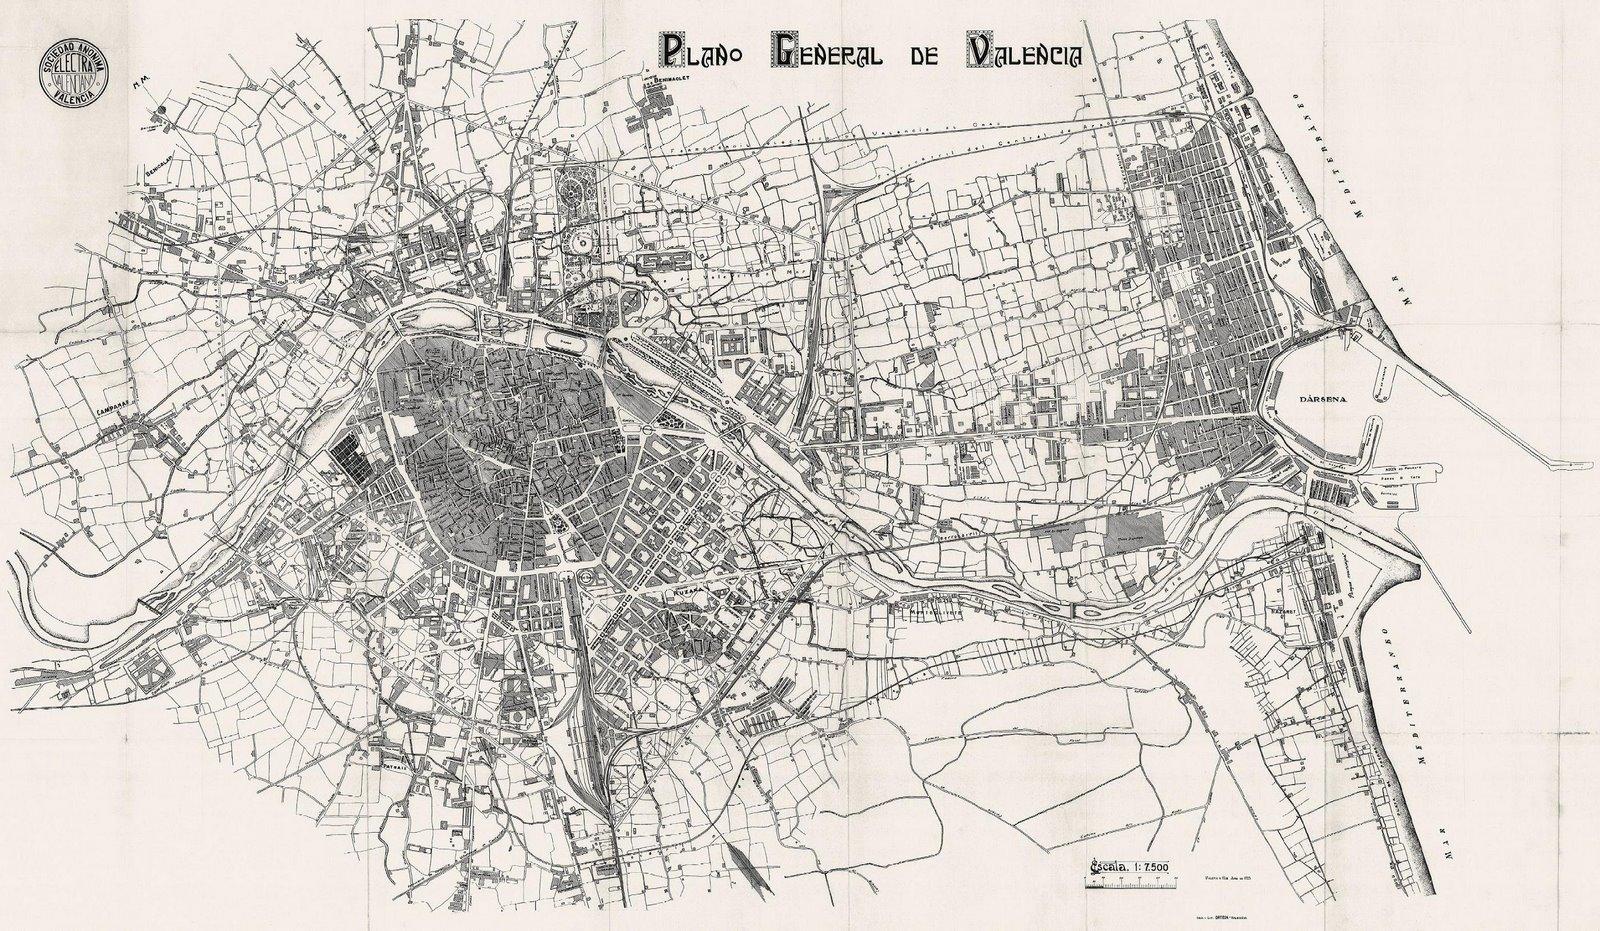 Plano general de Valencia 1925